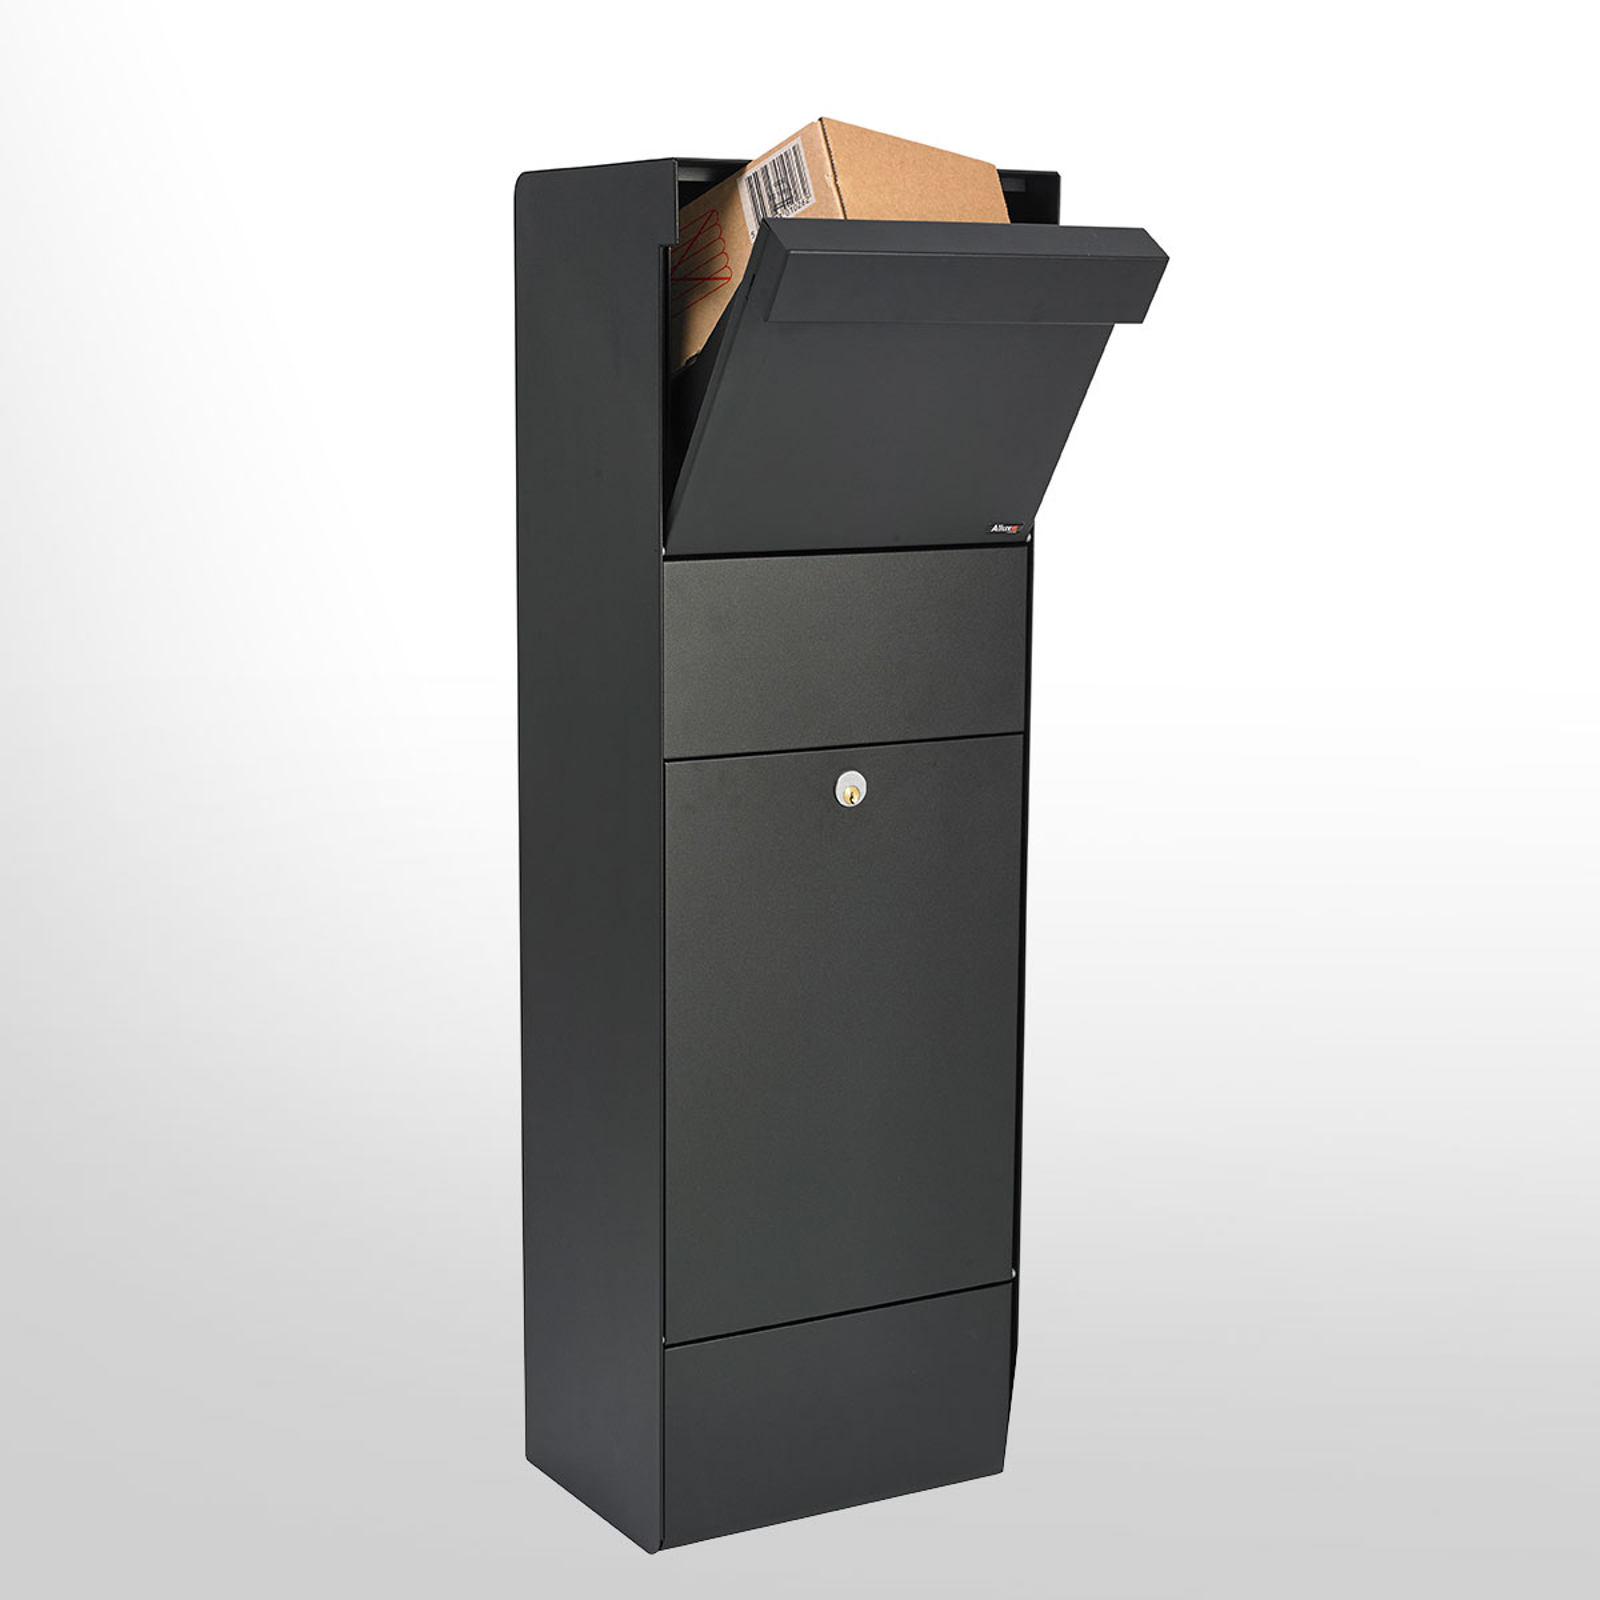 Skrzynka na listy/paczki Grundform Parcel